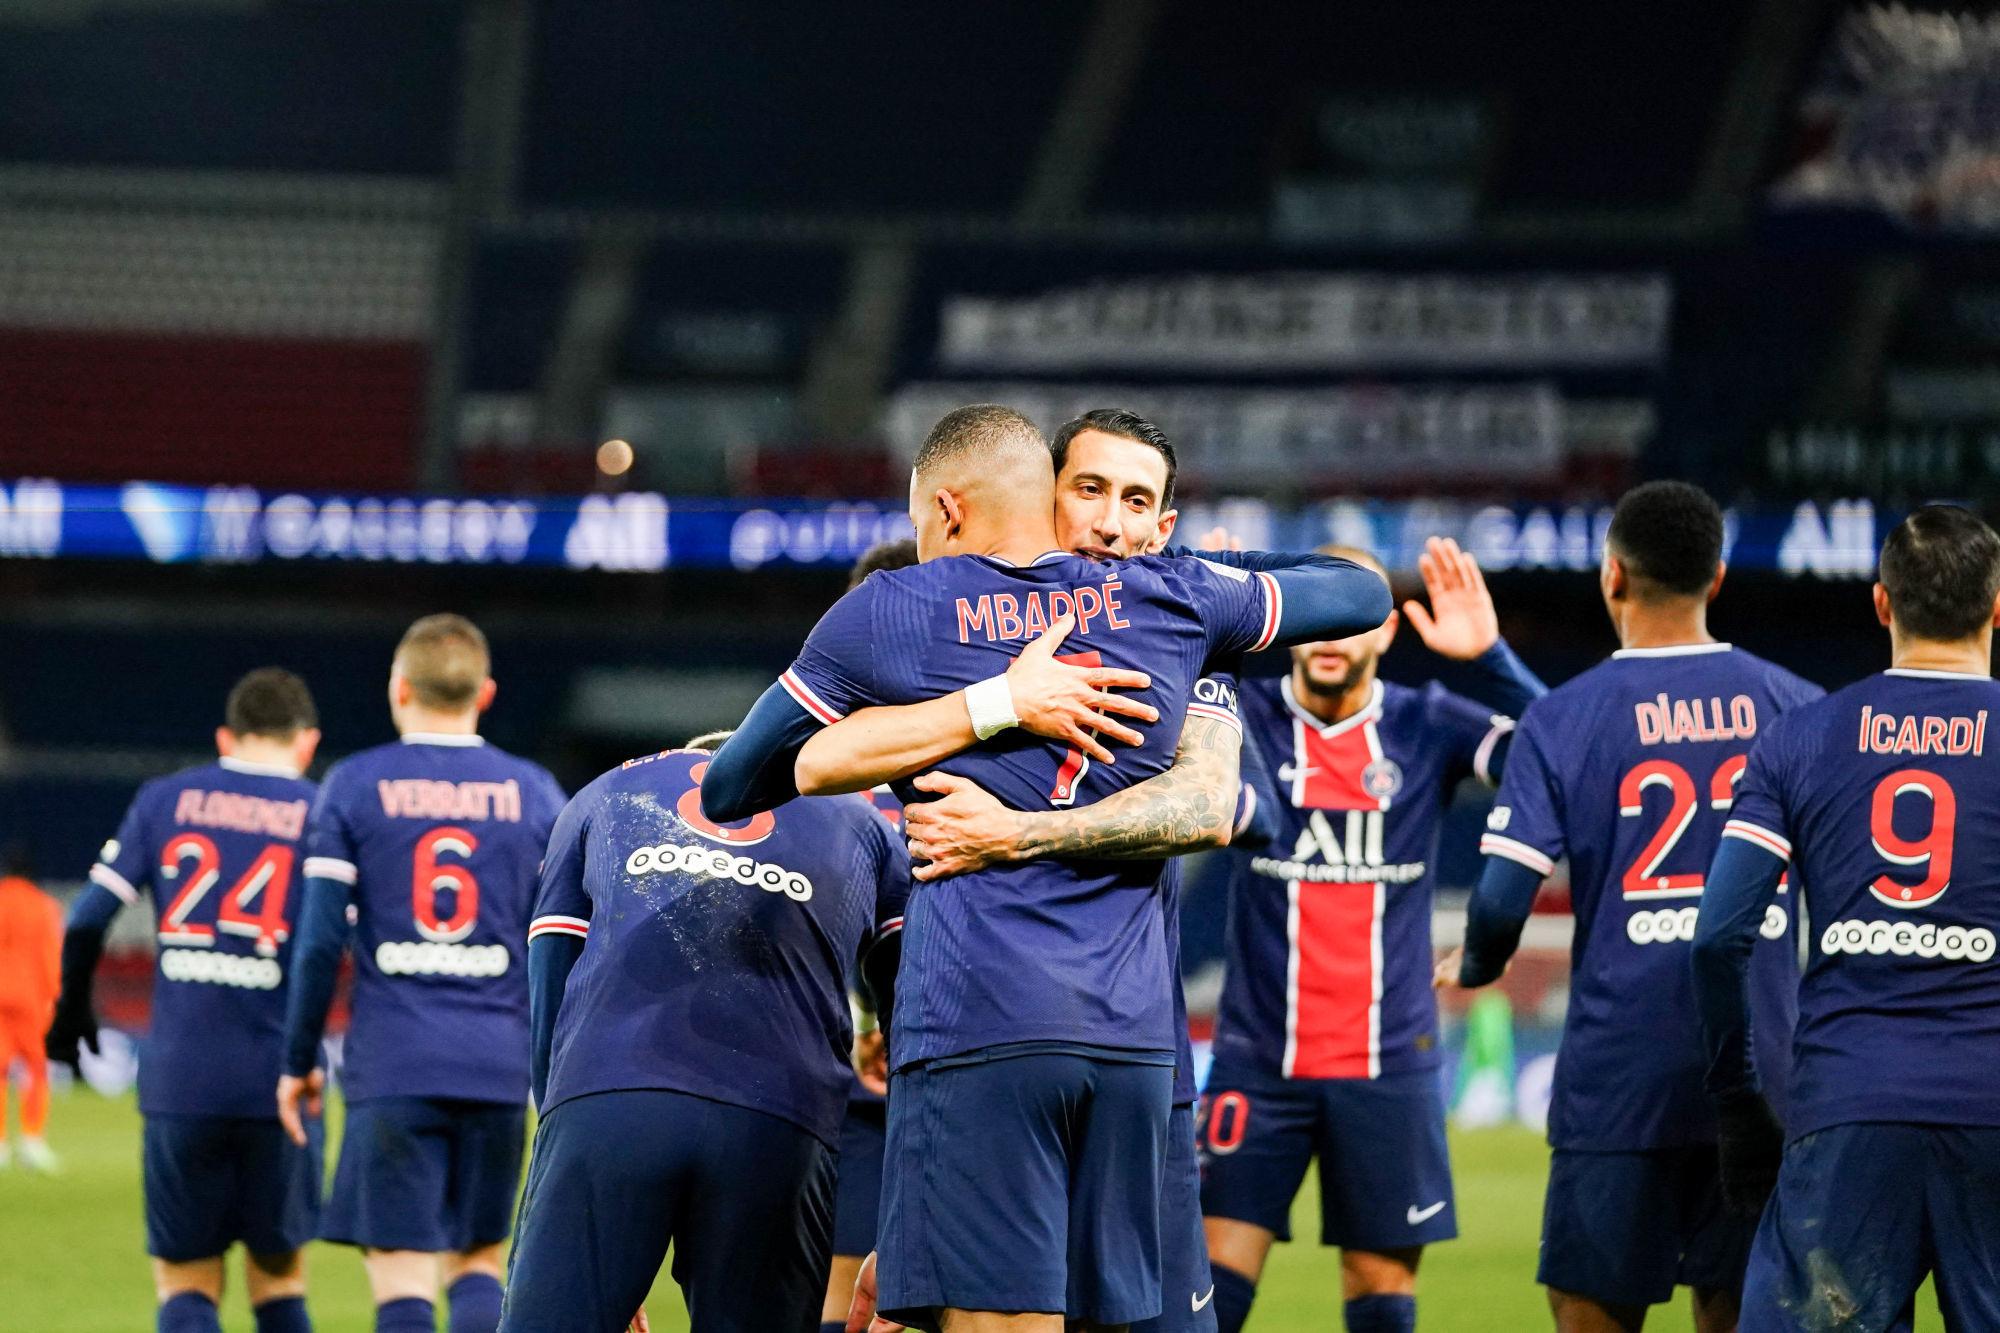 Les images du PSG ce dimanche: 11 de légende de Neymar et repos